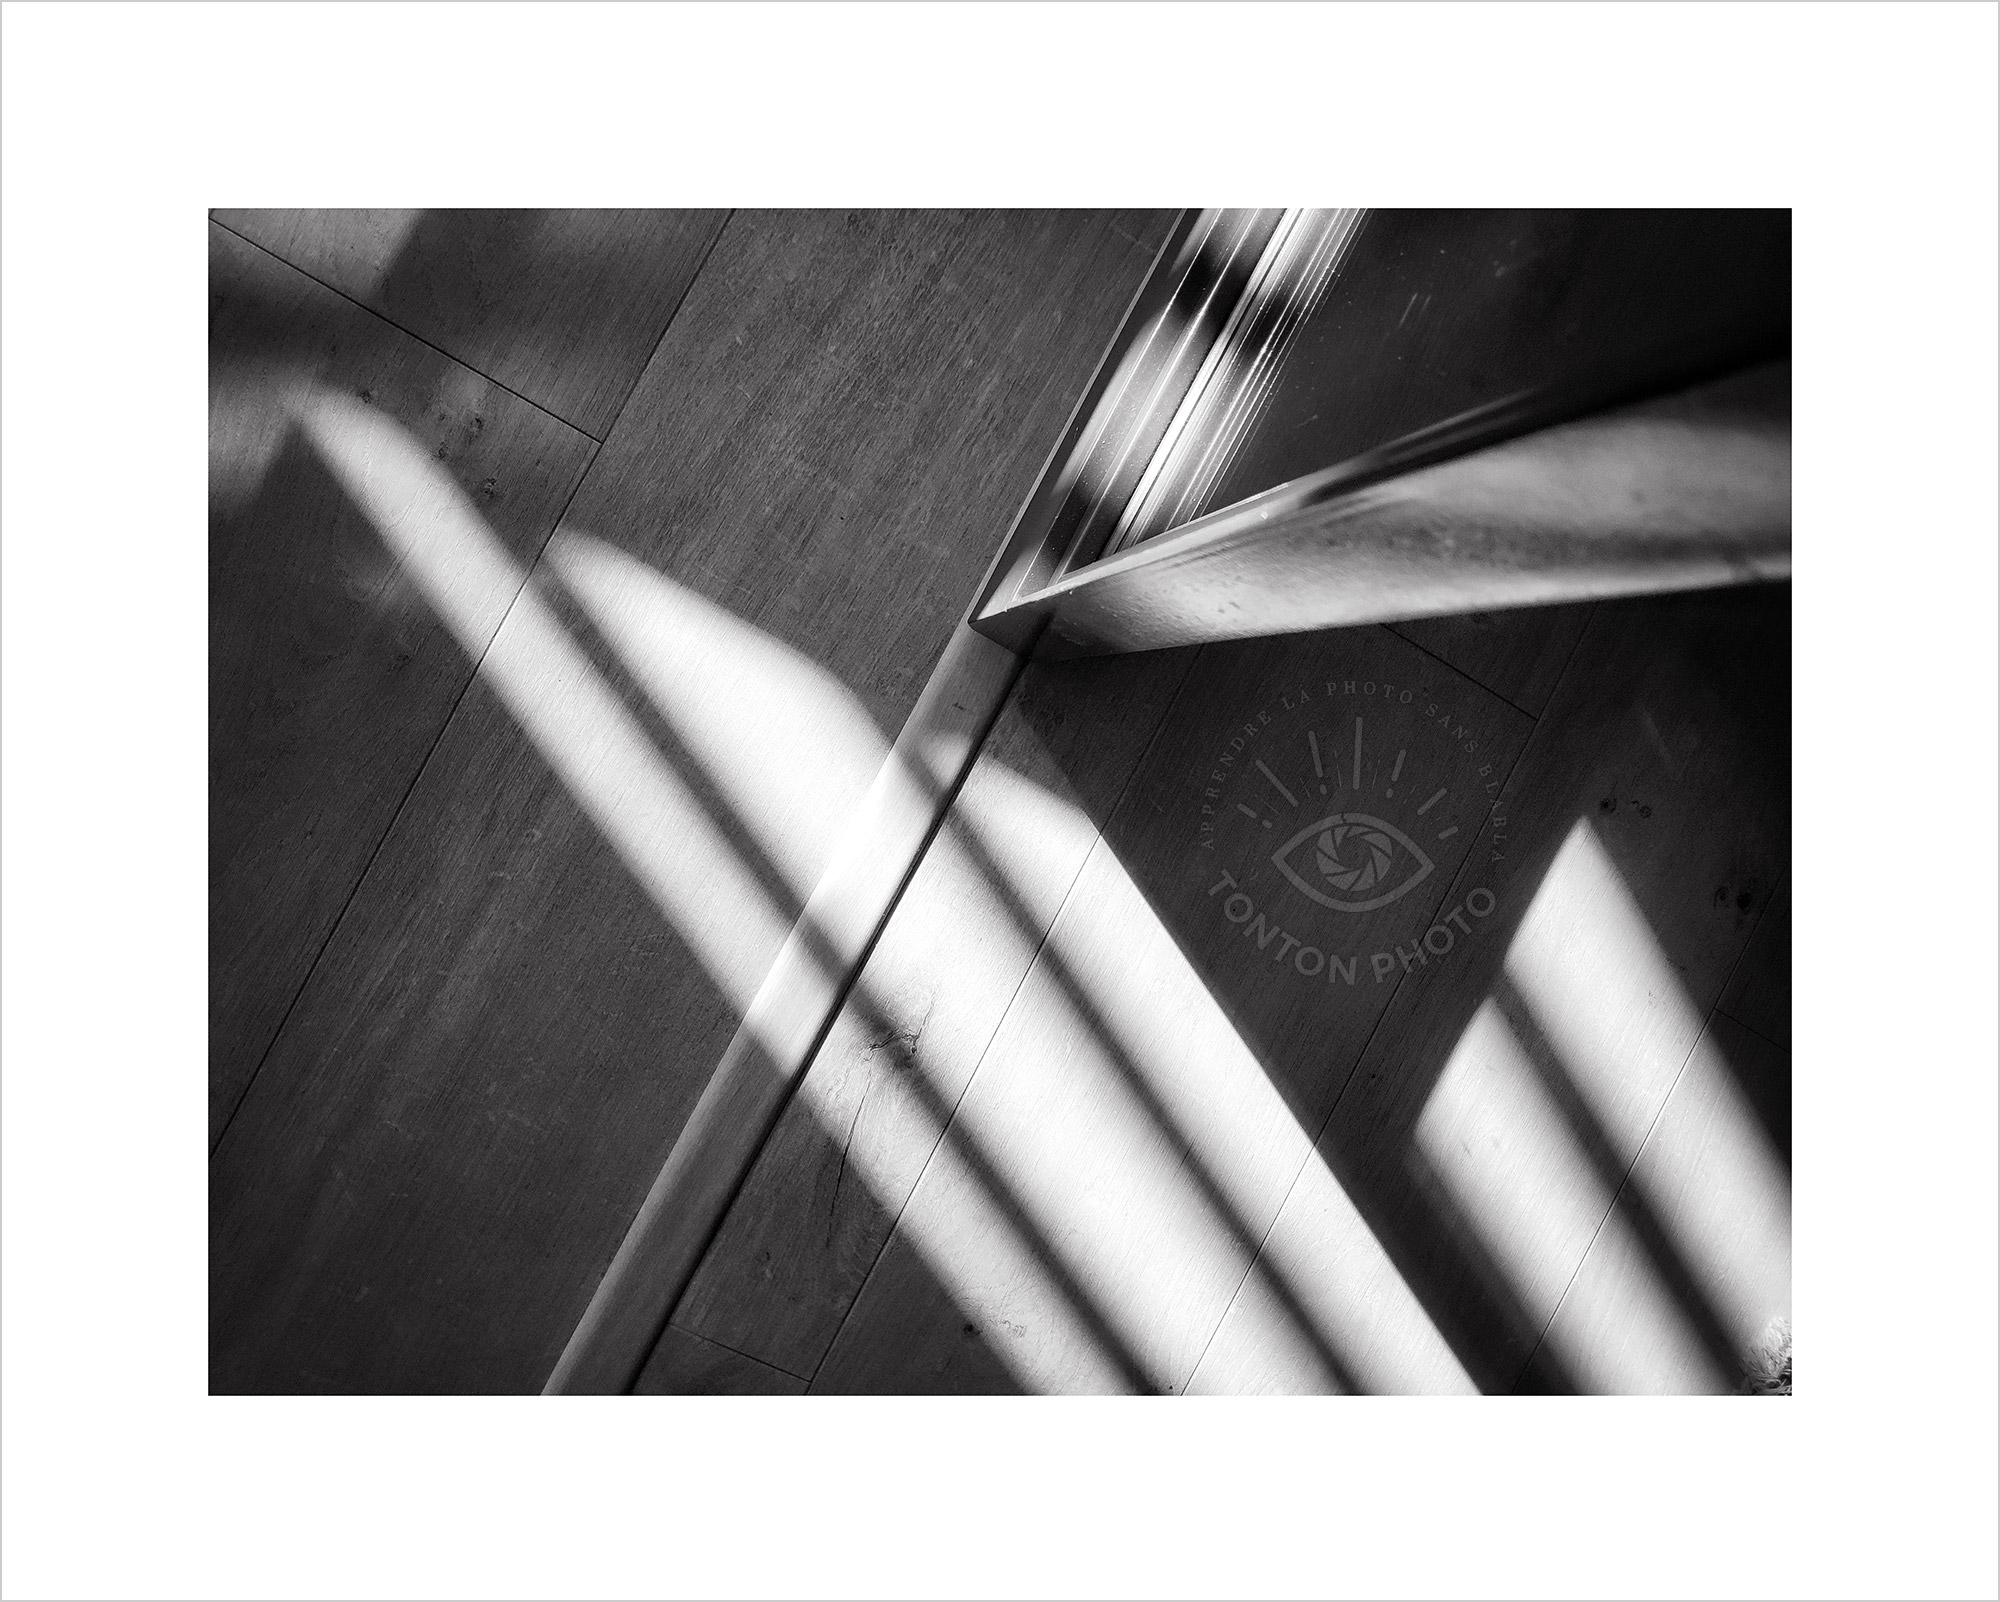 Jeu d'ombre et de lumière sur parquet et porte vitrée. Photo prise au smartphone Xiaomi Mi Mix 3 © Tonton Photo